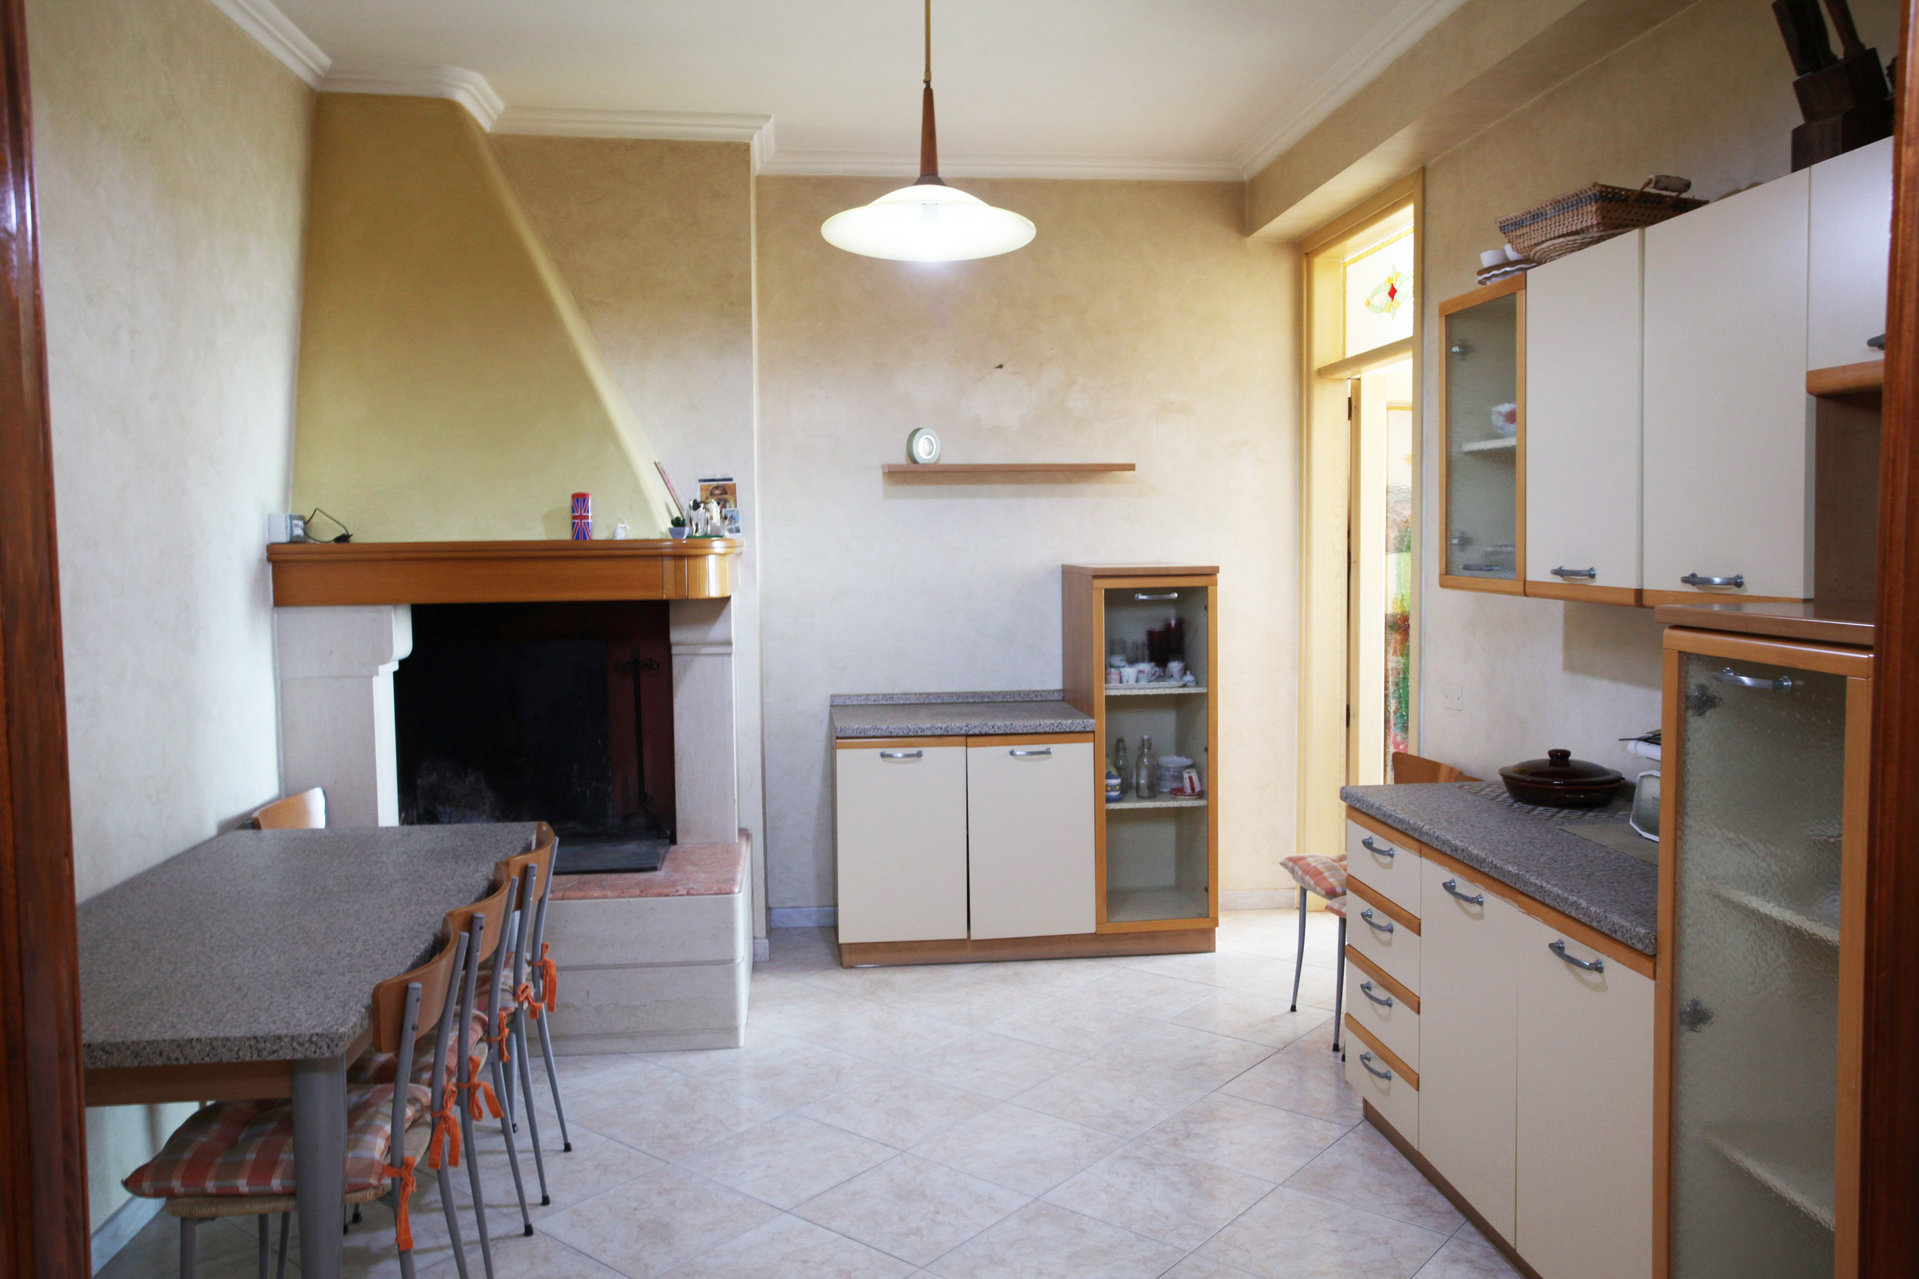 Vente Appartement - Oria - Italie